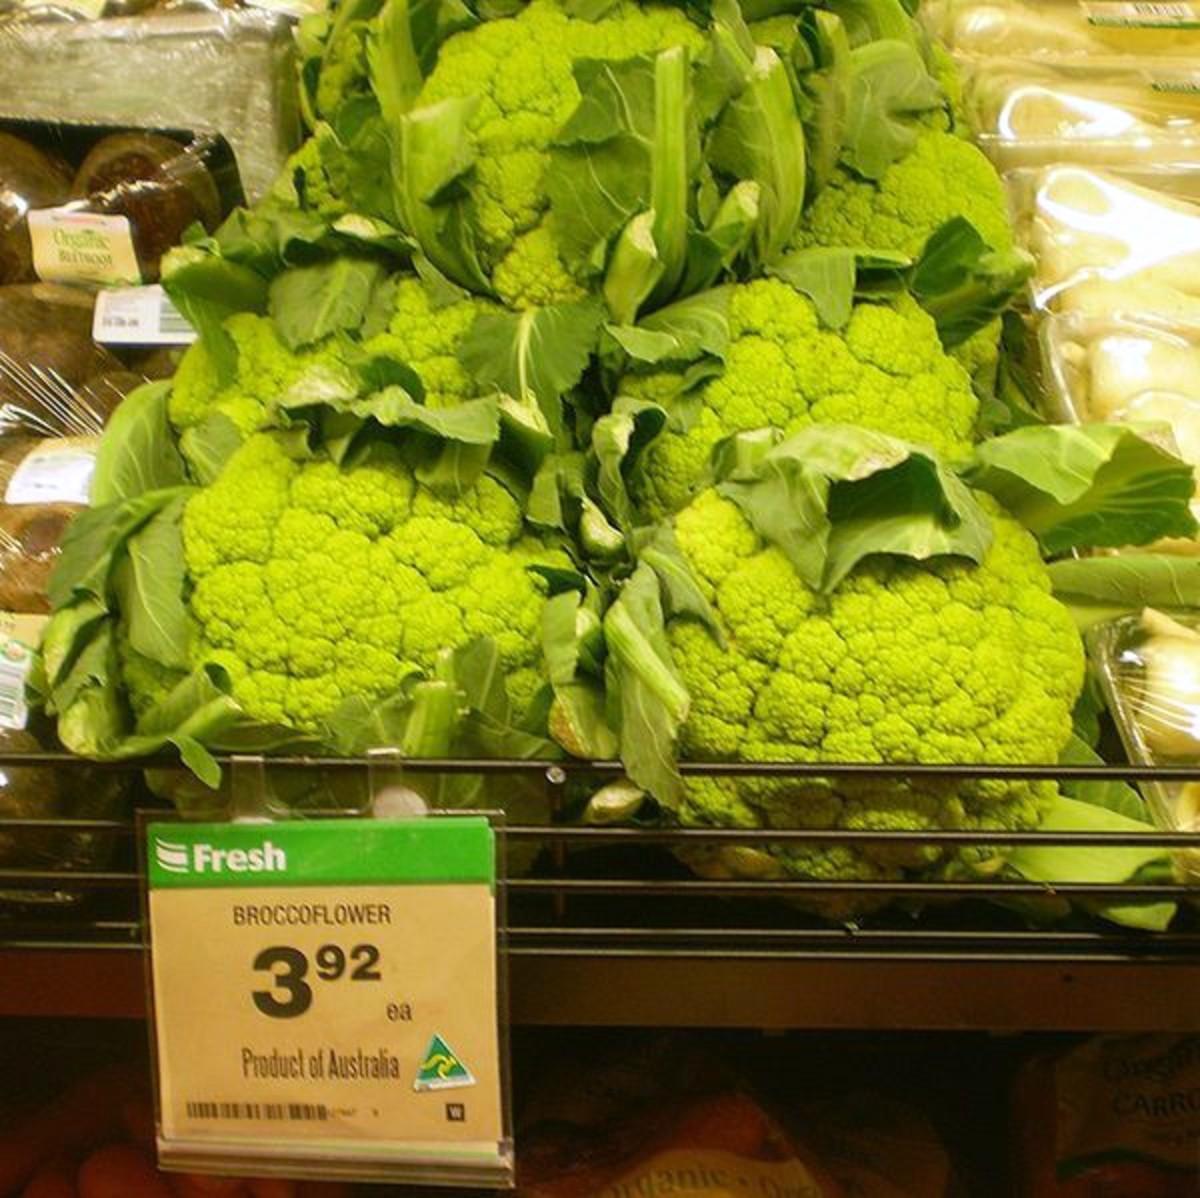 Broccoflower (green cauliflower)